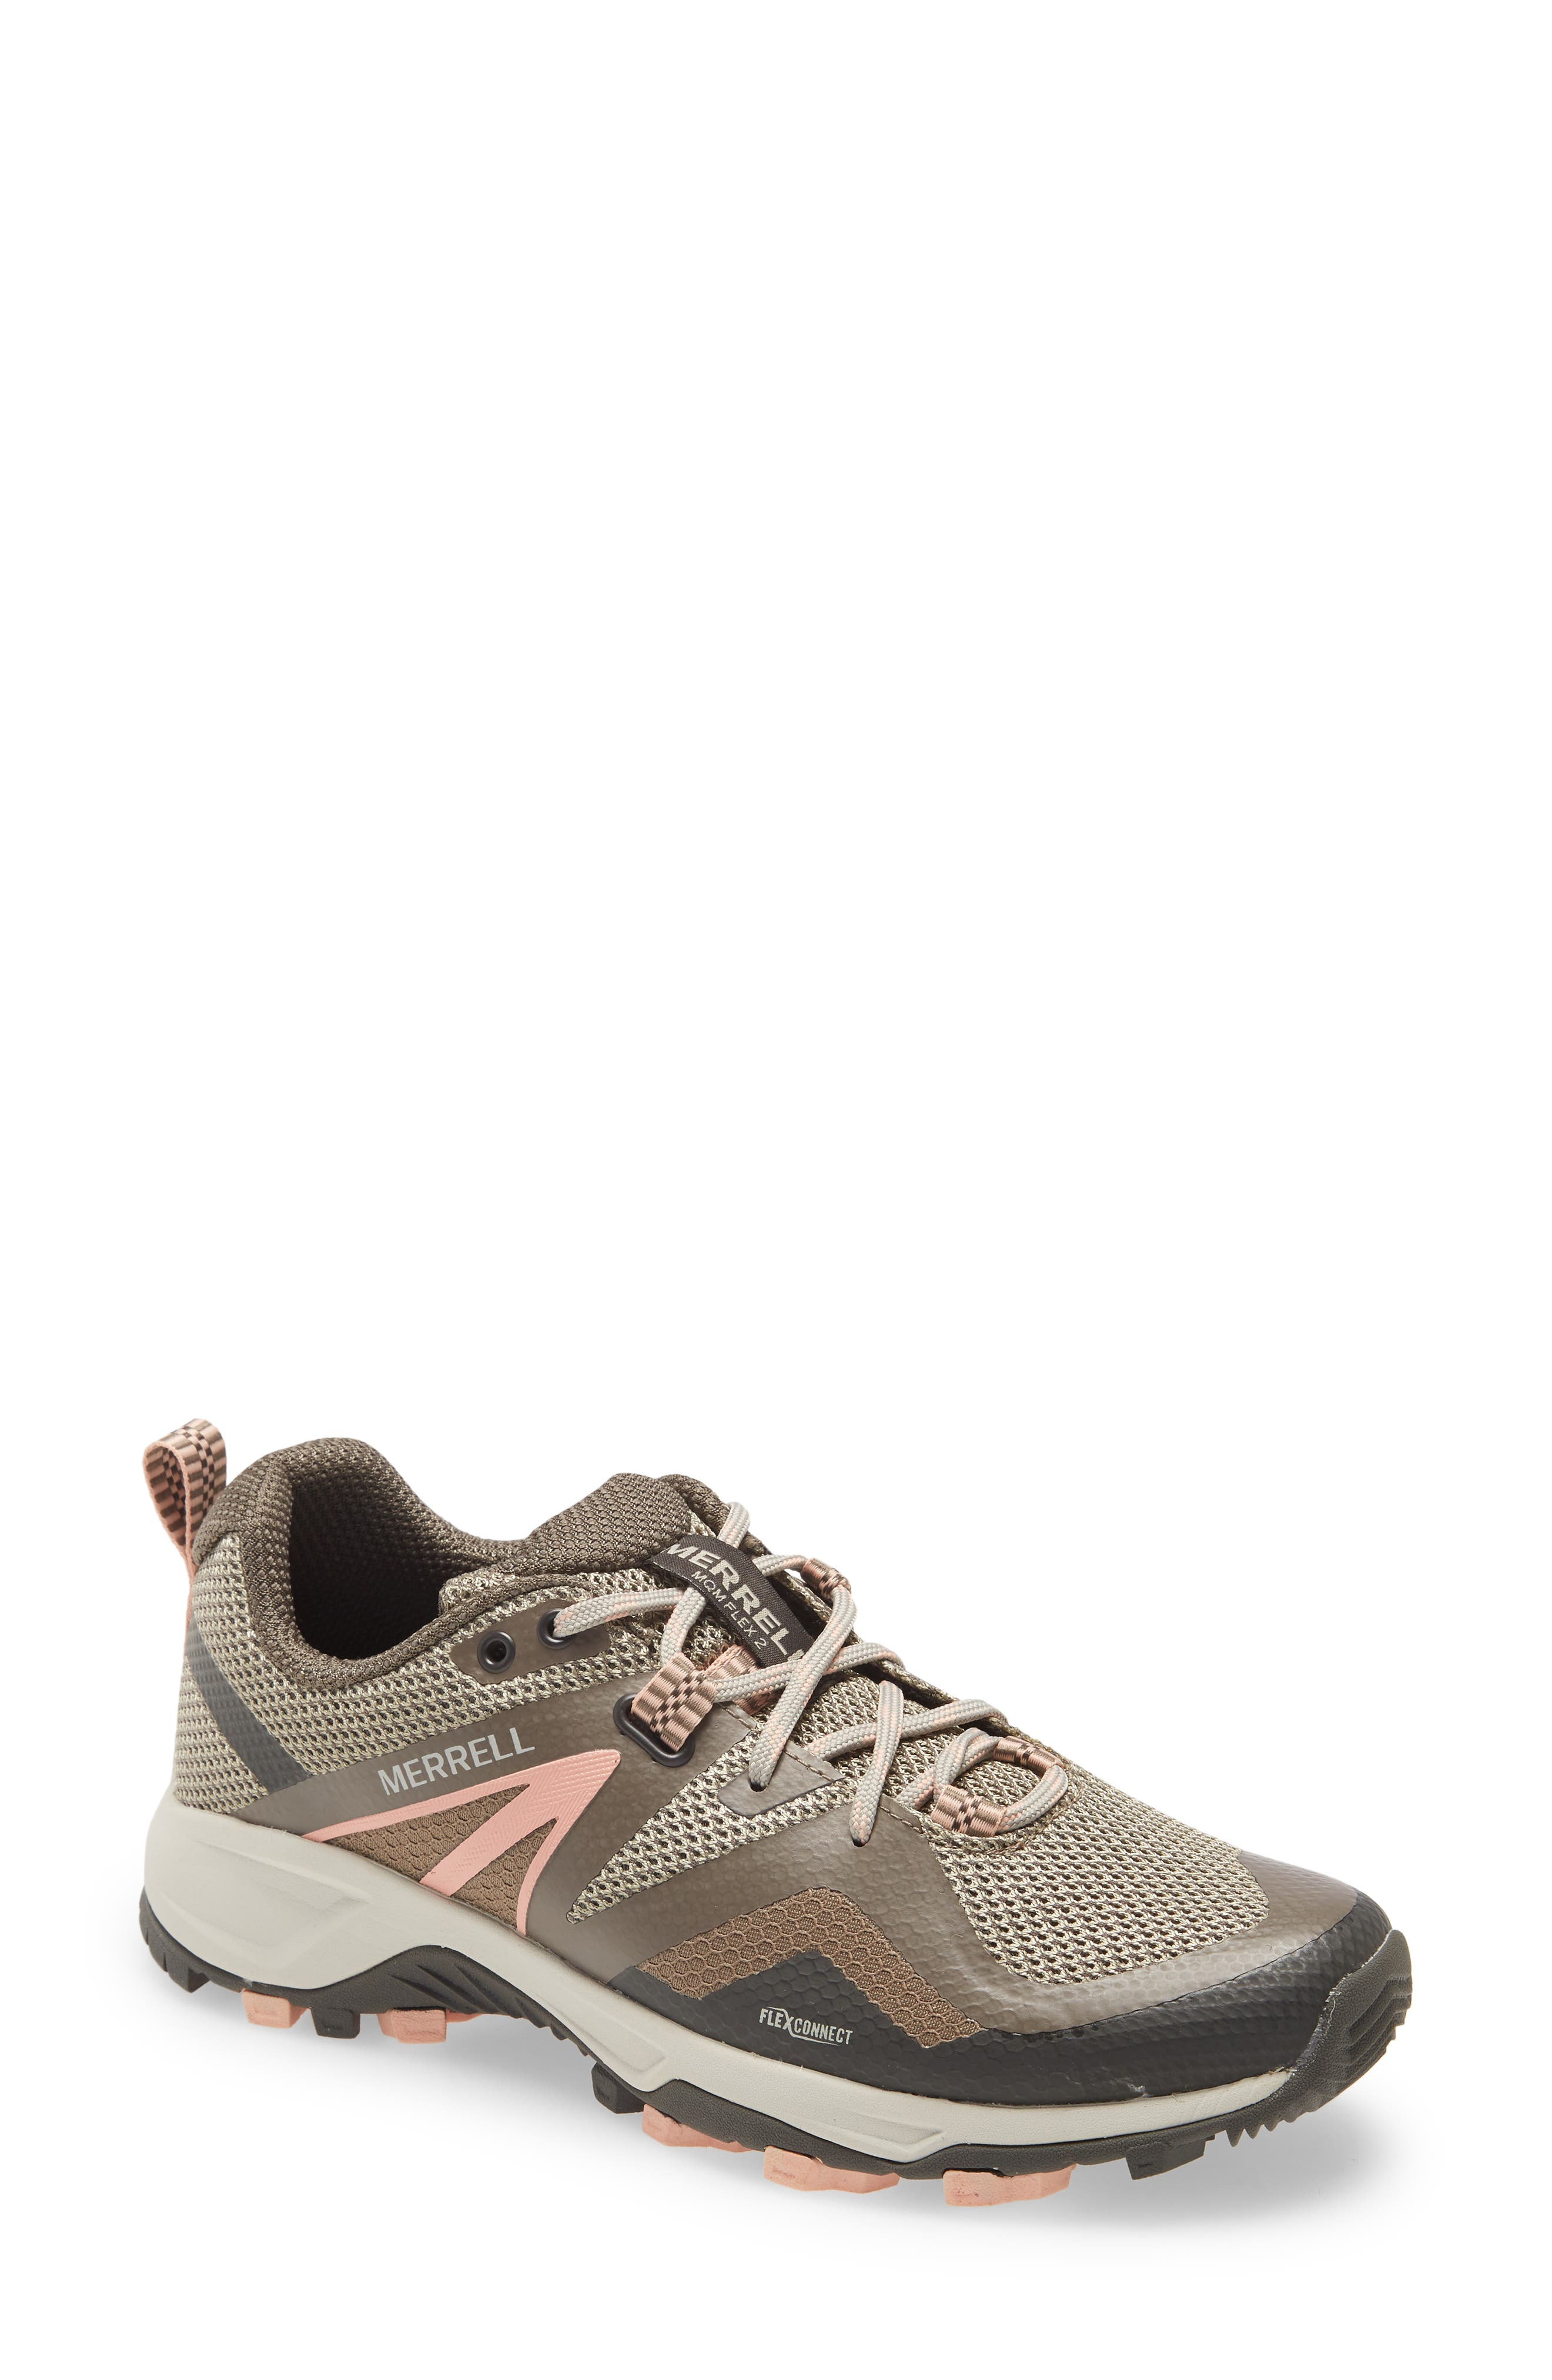 Mqm Flex 2 Trail Sneaker